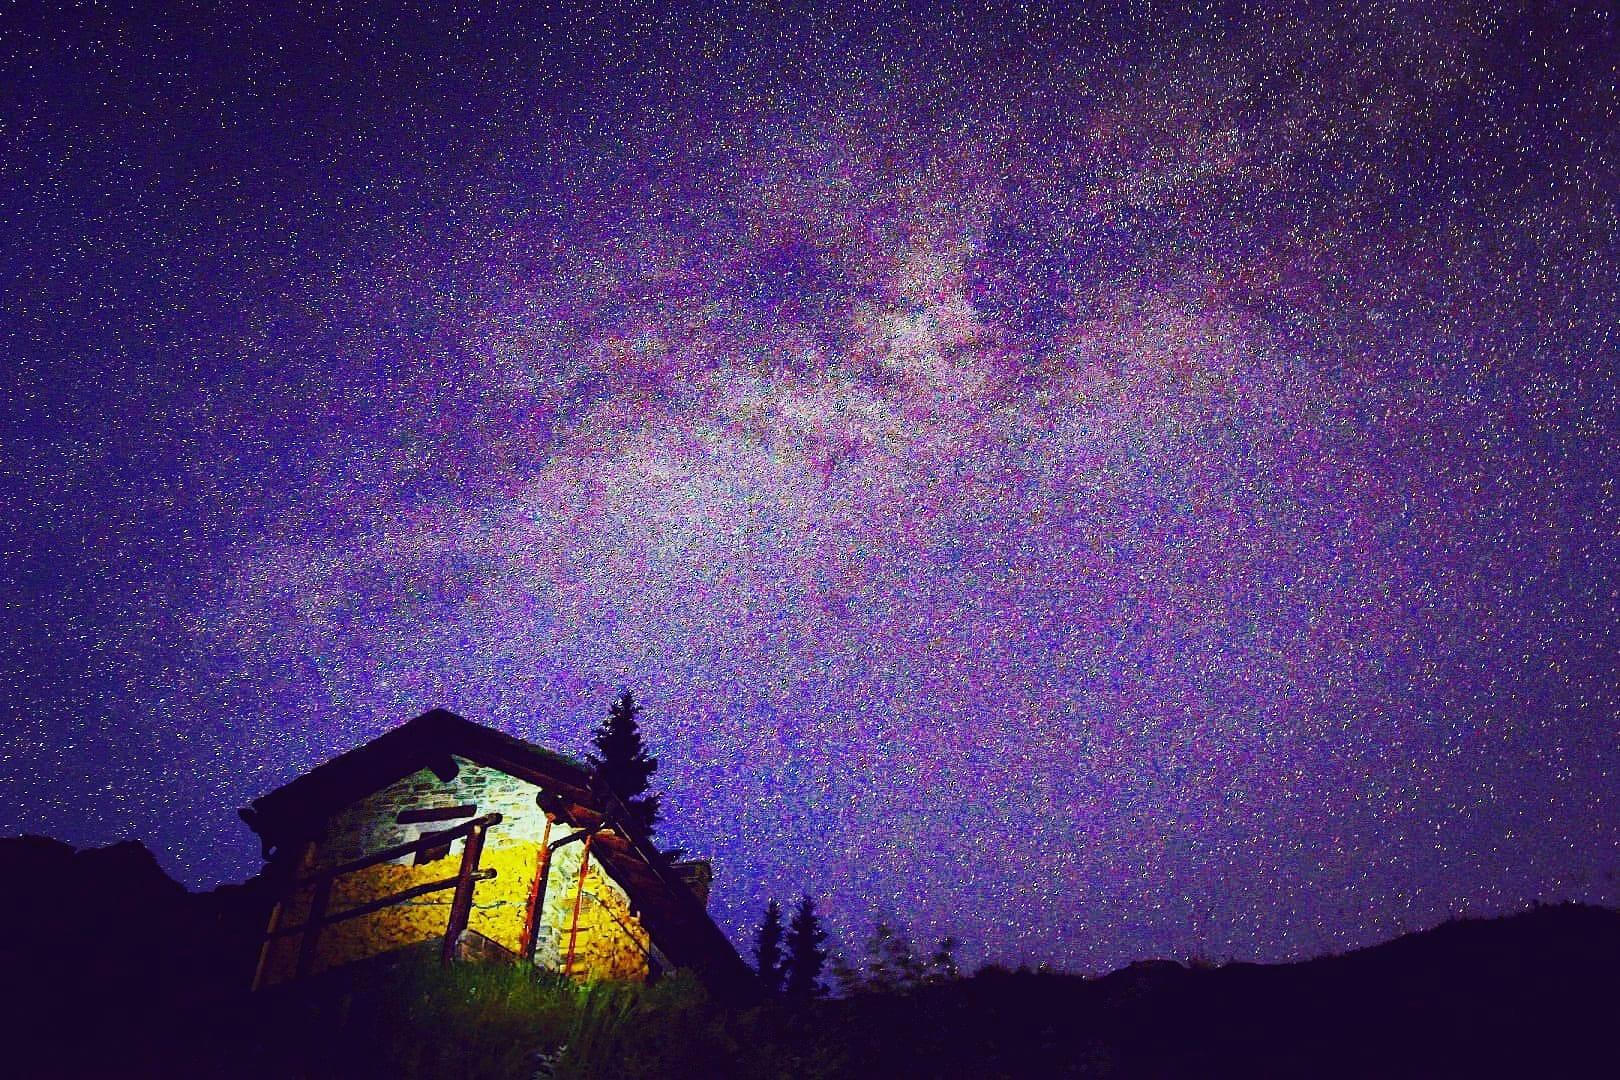 Il fascino della notte...